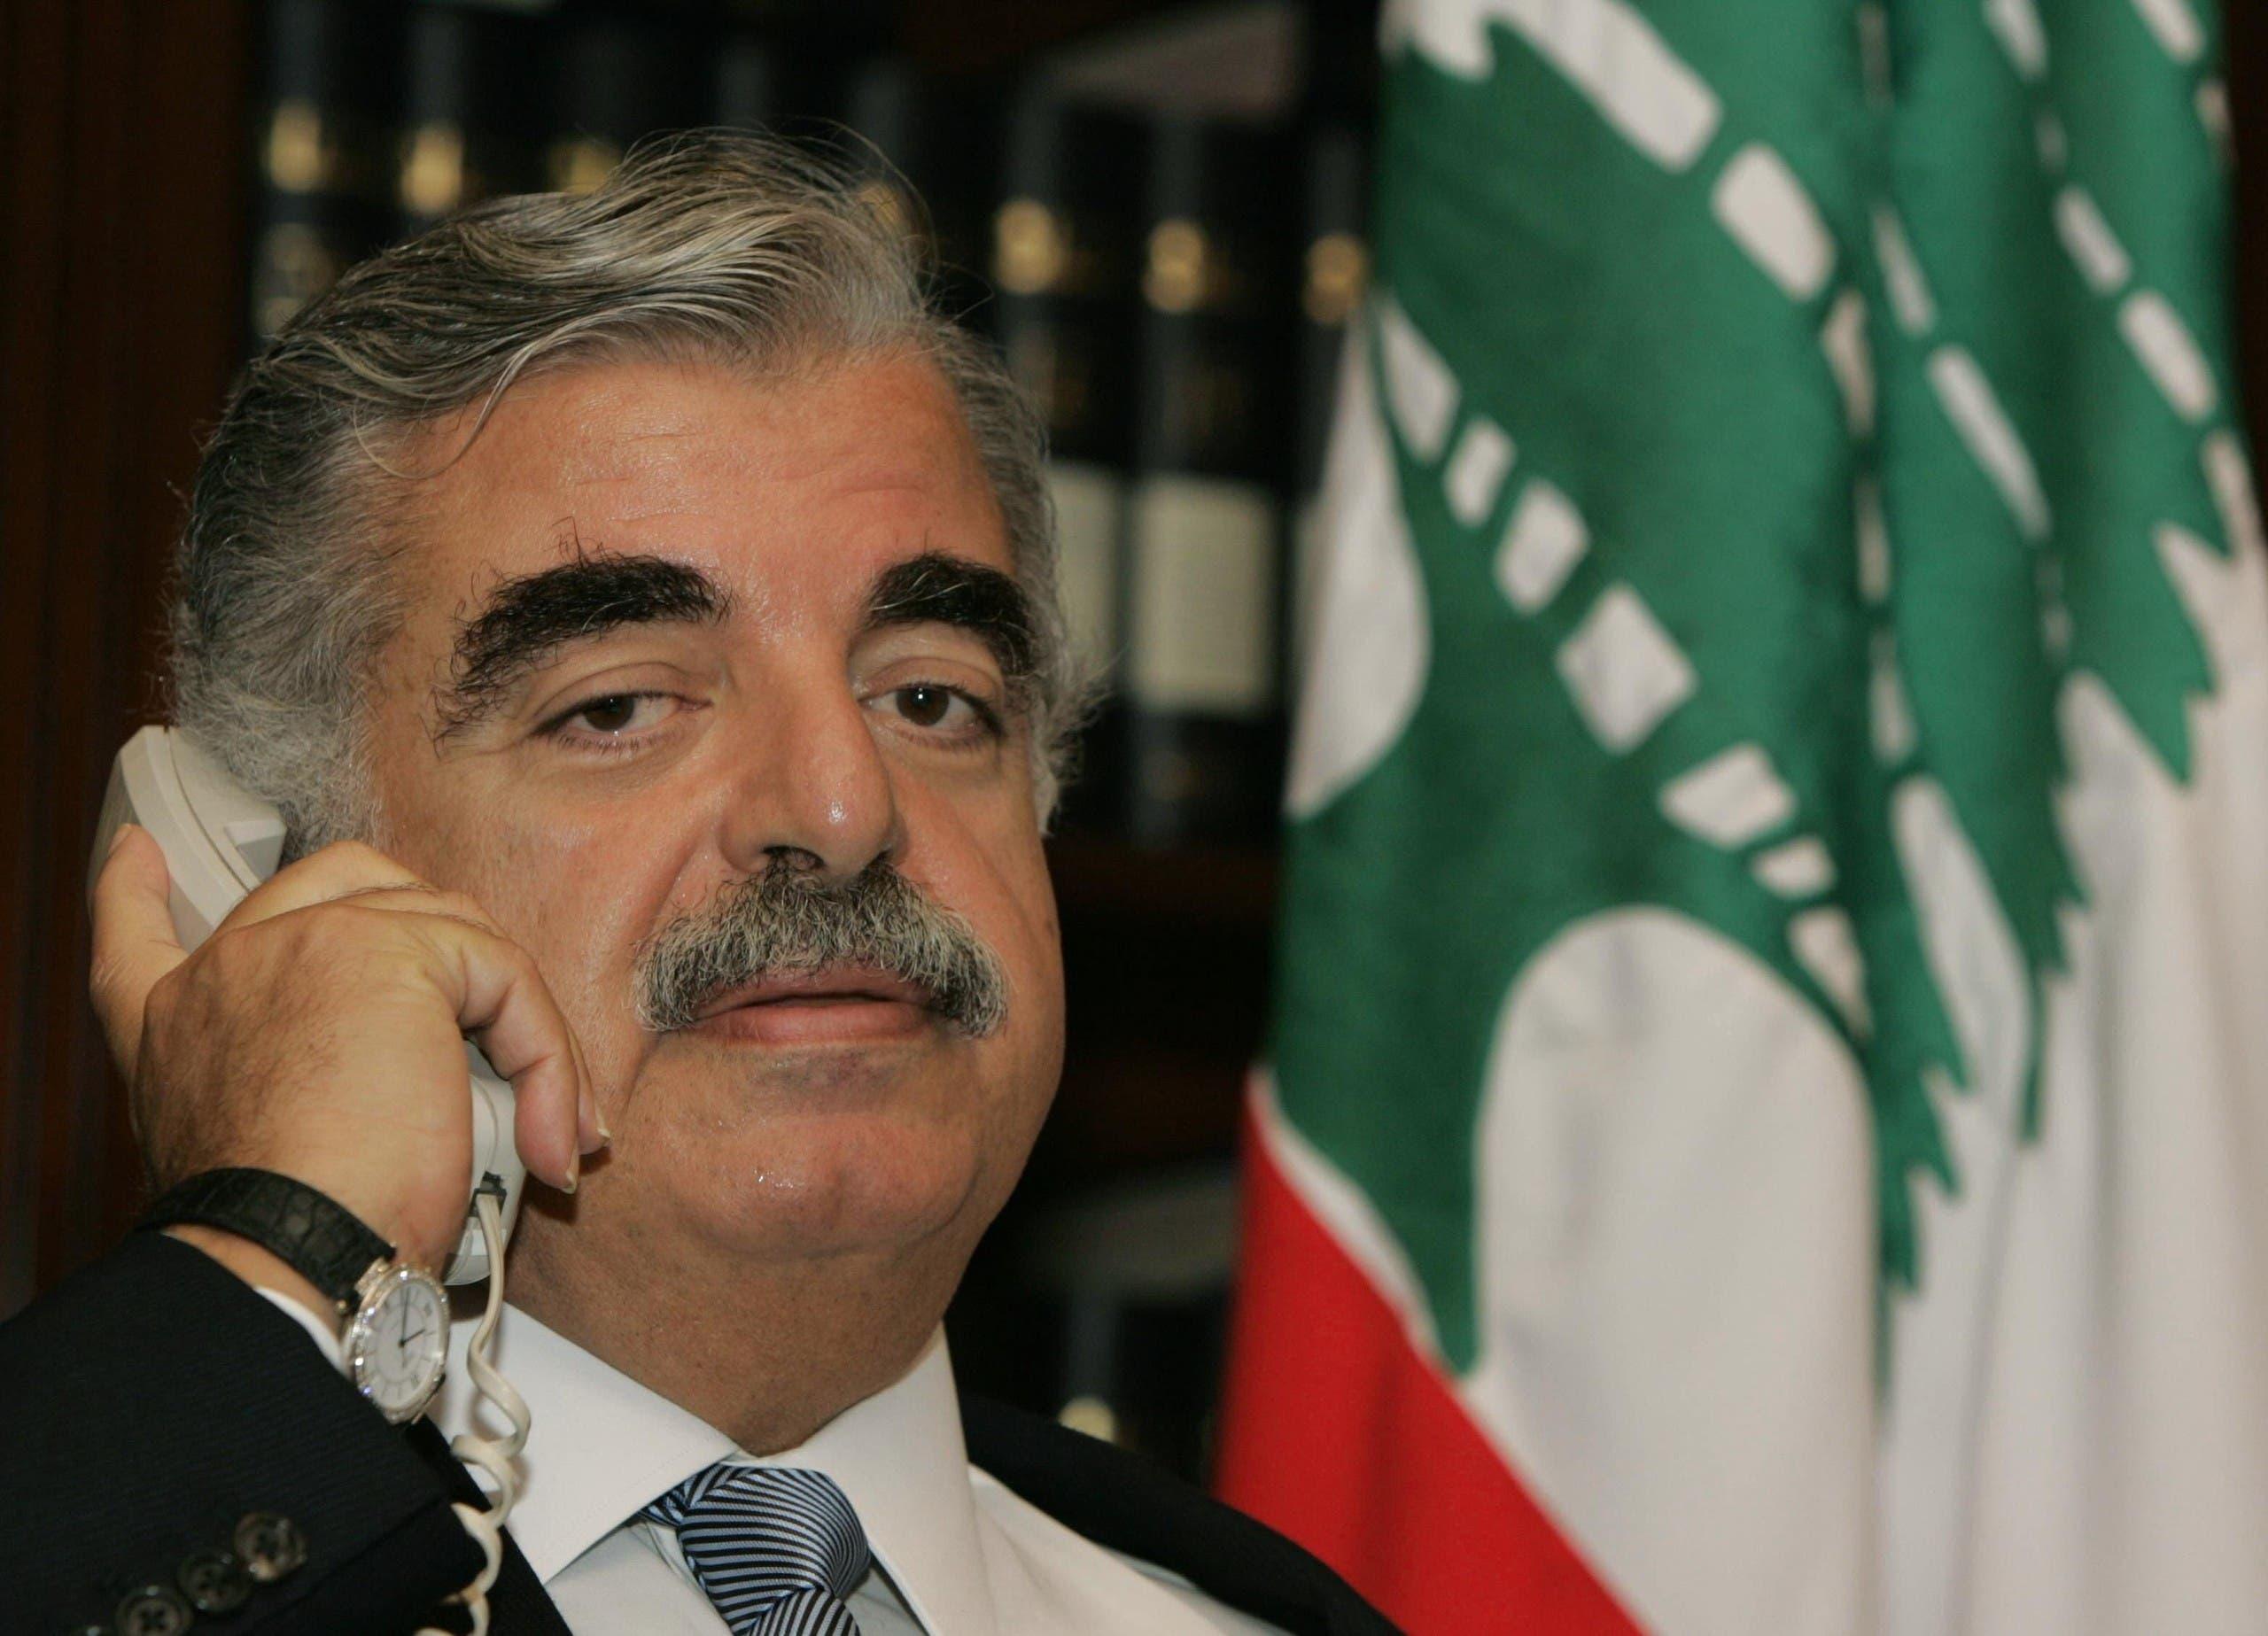 رفیق الحریری نخست وزیر فقید لبنان که در سال 2005 ترور شد